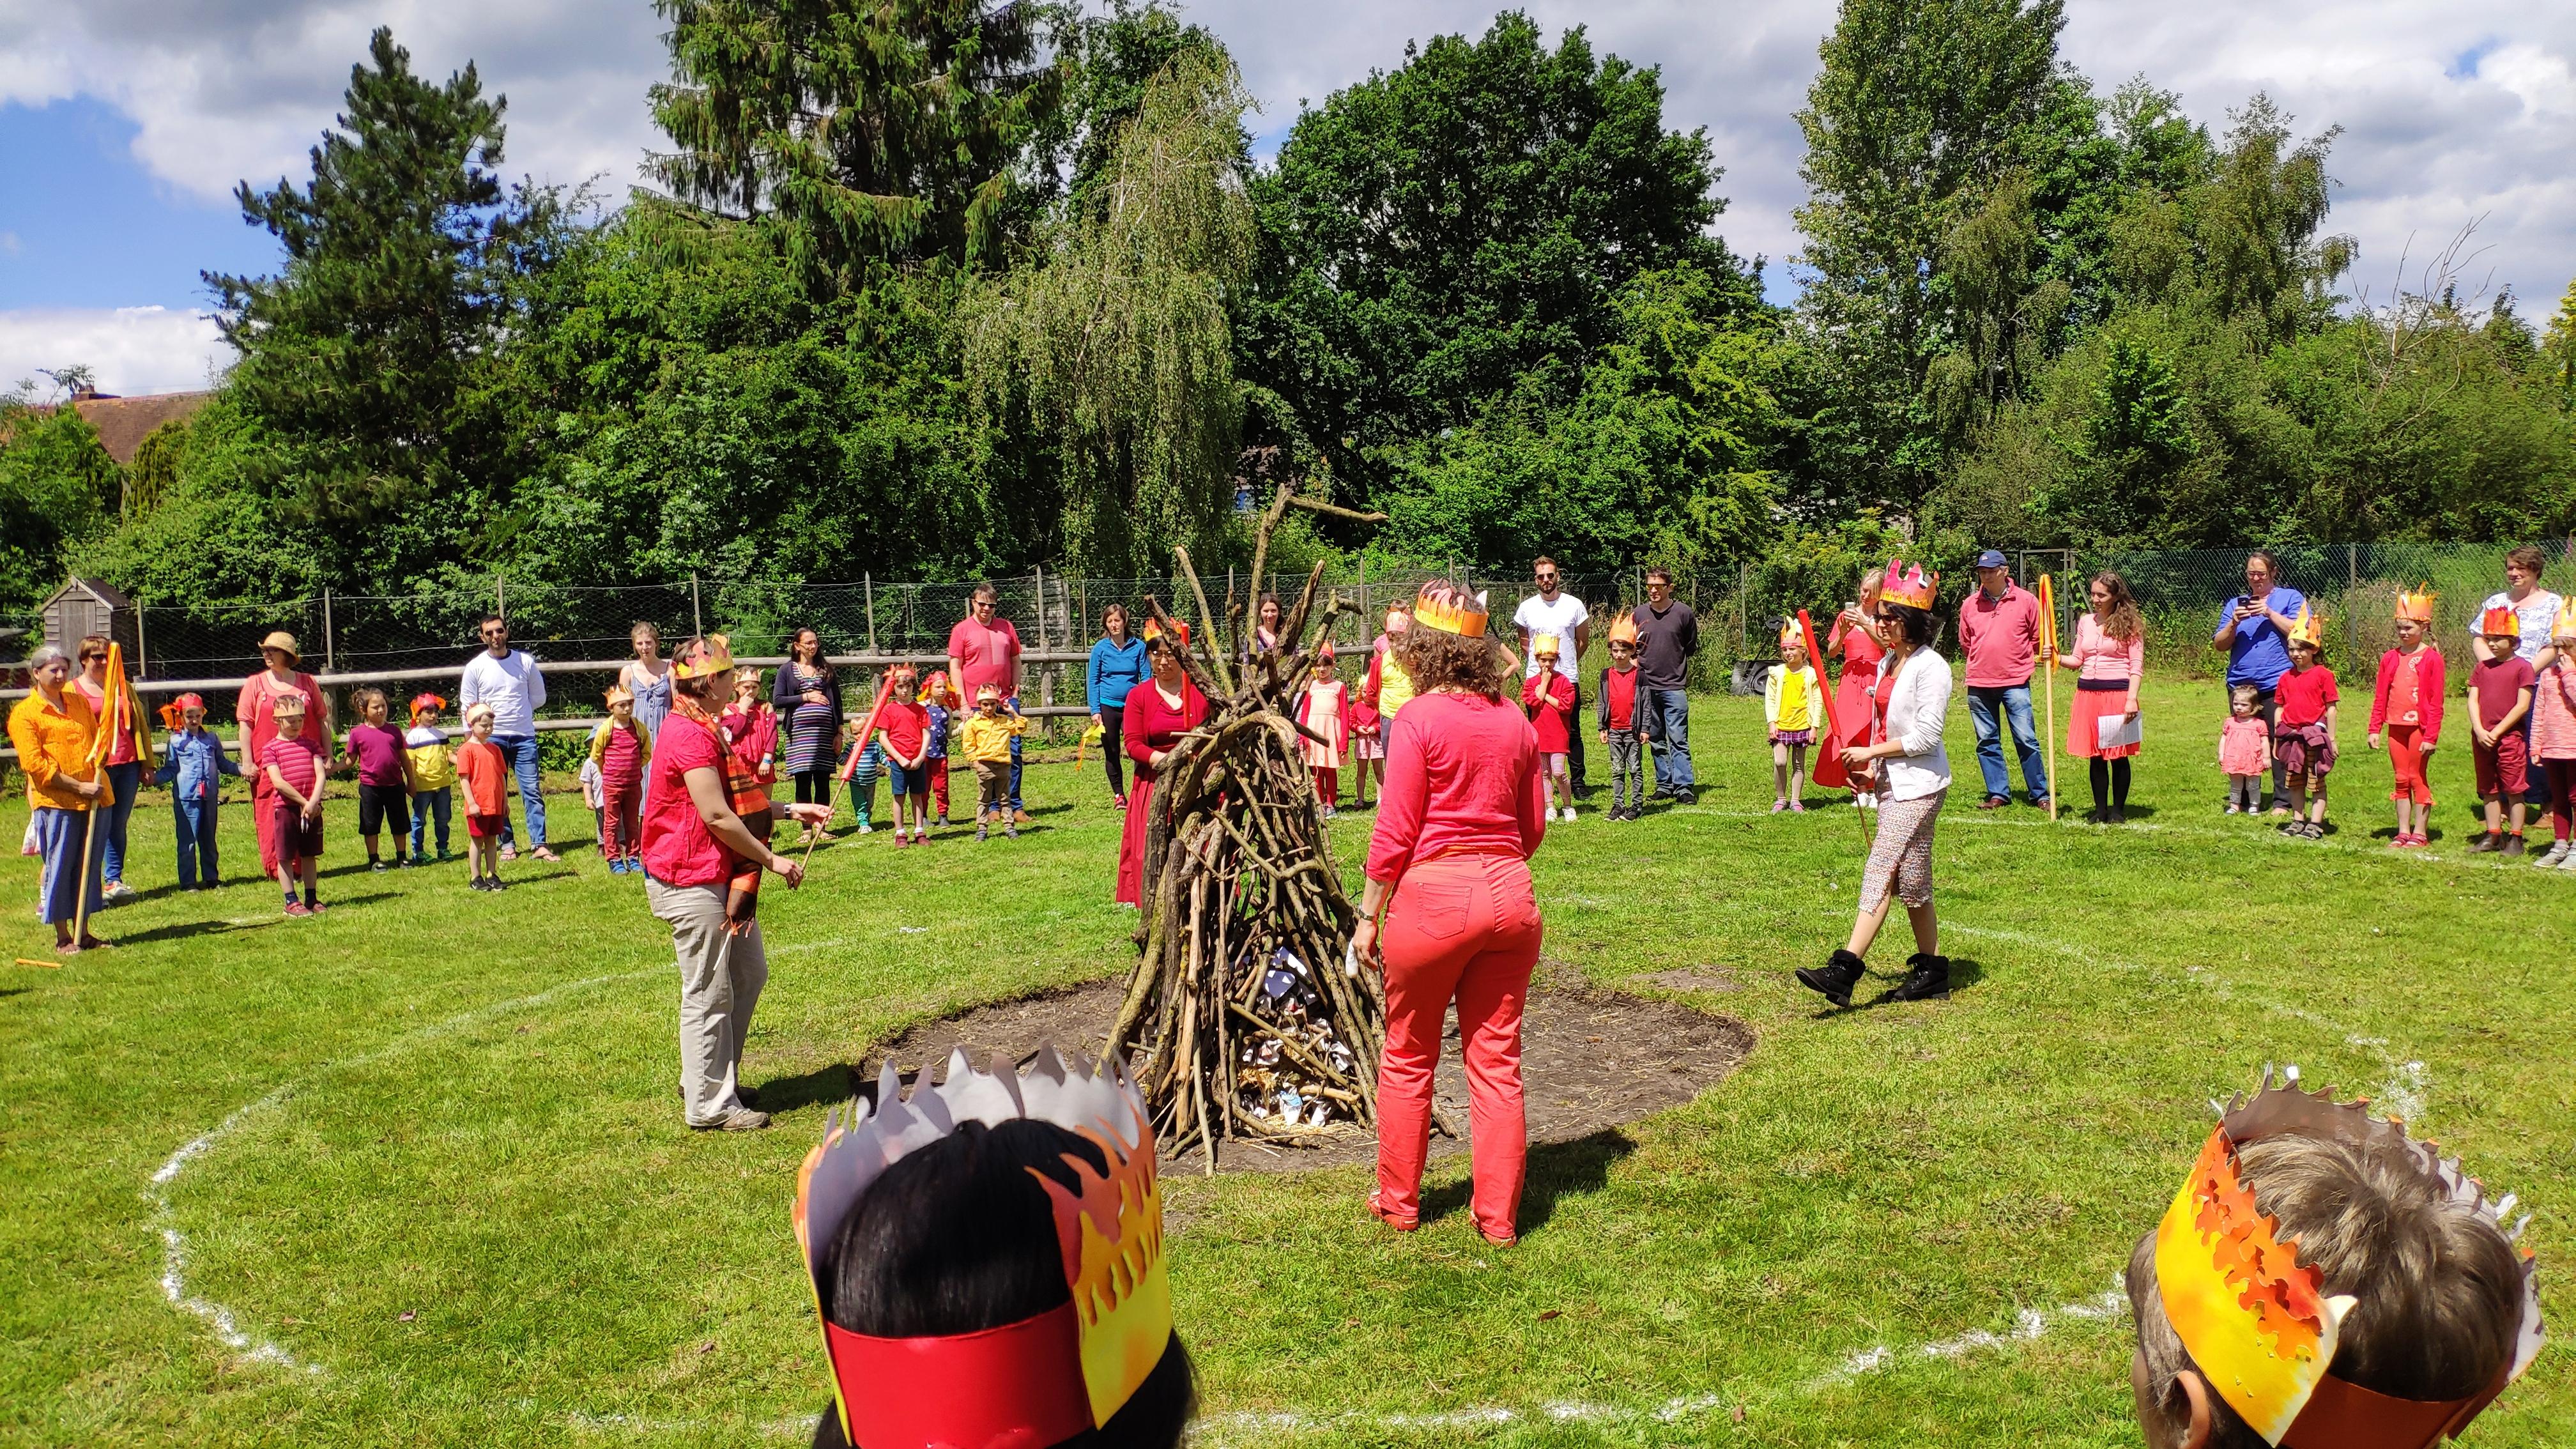 St Johns Day Festival